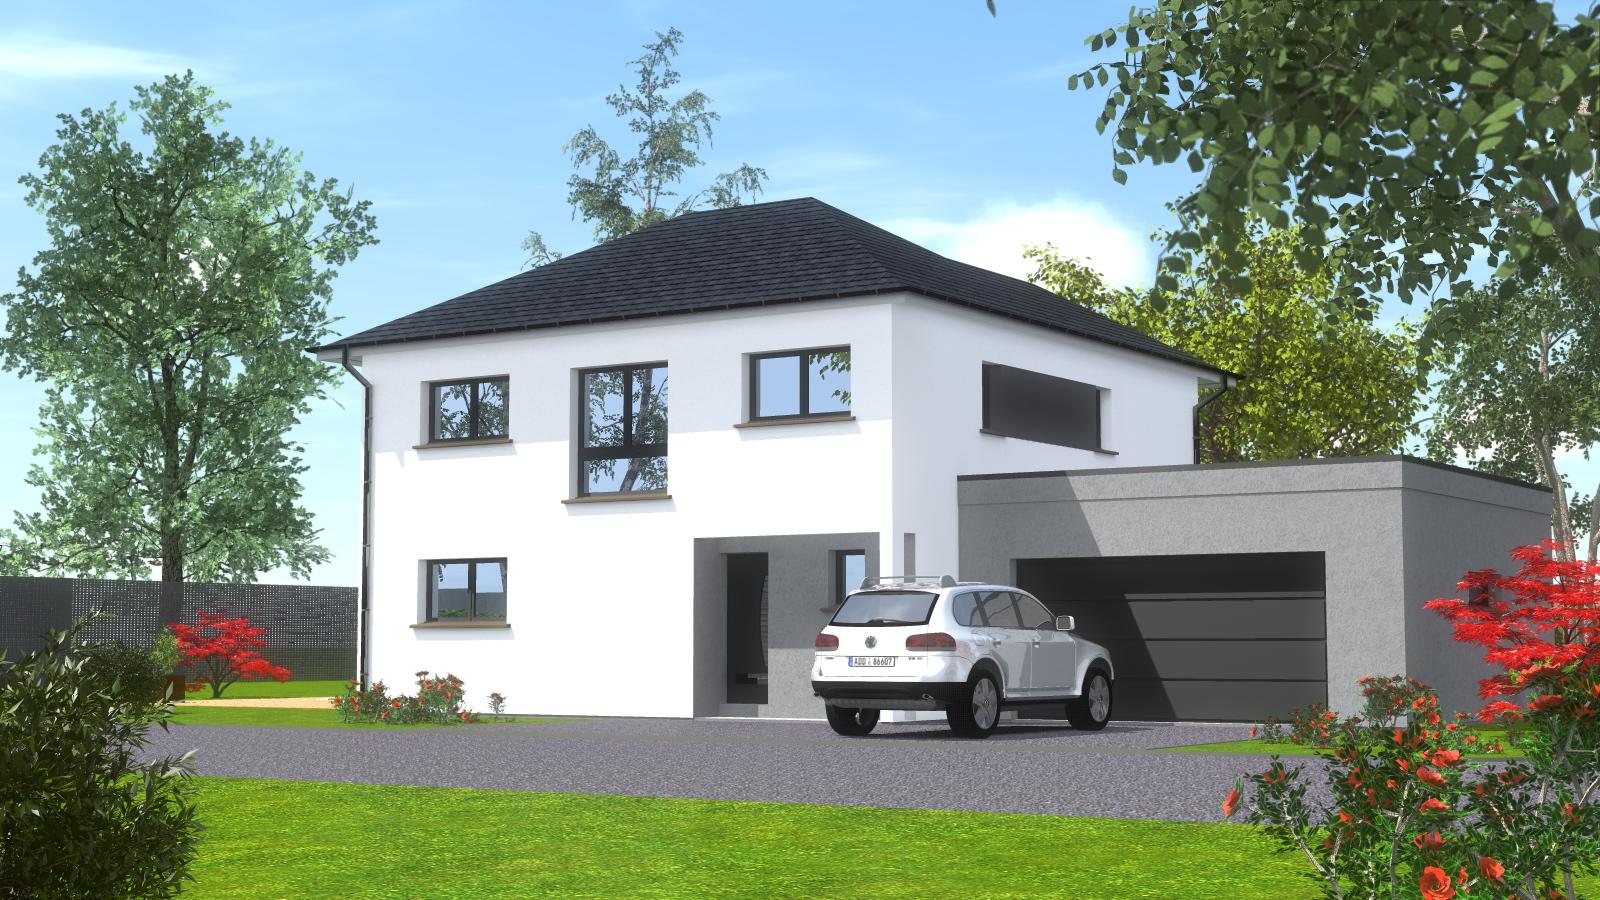 Constructeur maisons quatre pans constructeur maisons quatre pansmaisons begi for Maison cubique toit 4 pans